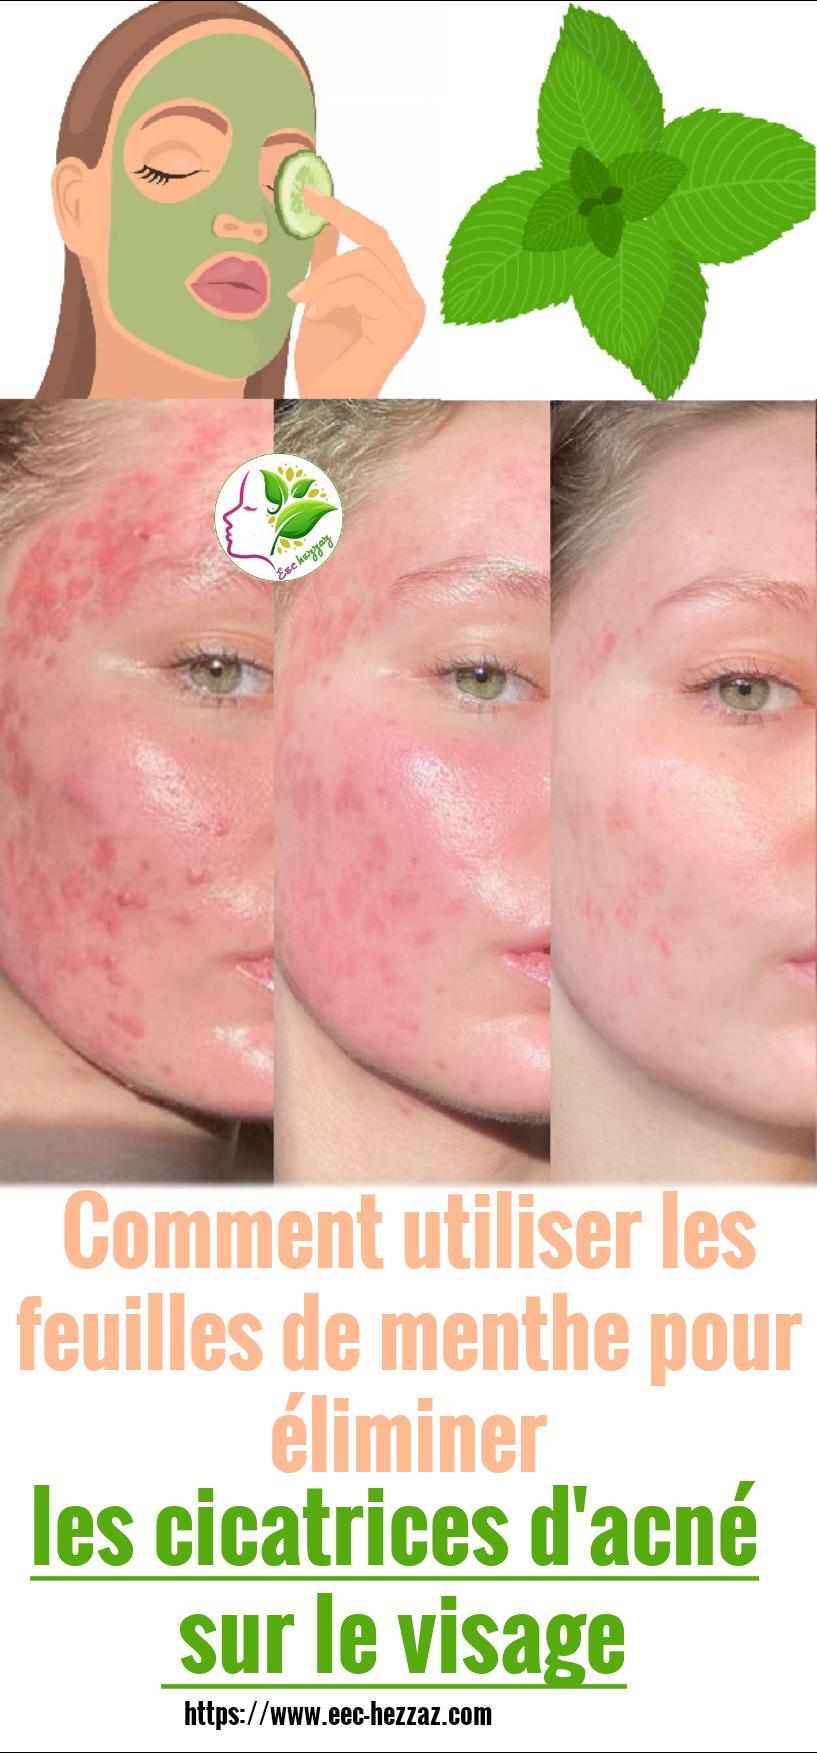 Comment utiliser les feuilles de menthe pour éliminer les cicatrices d'acné sur le visage